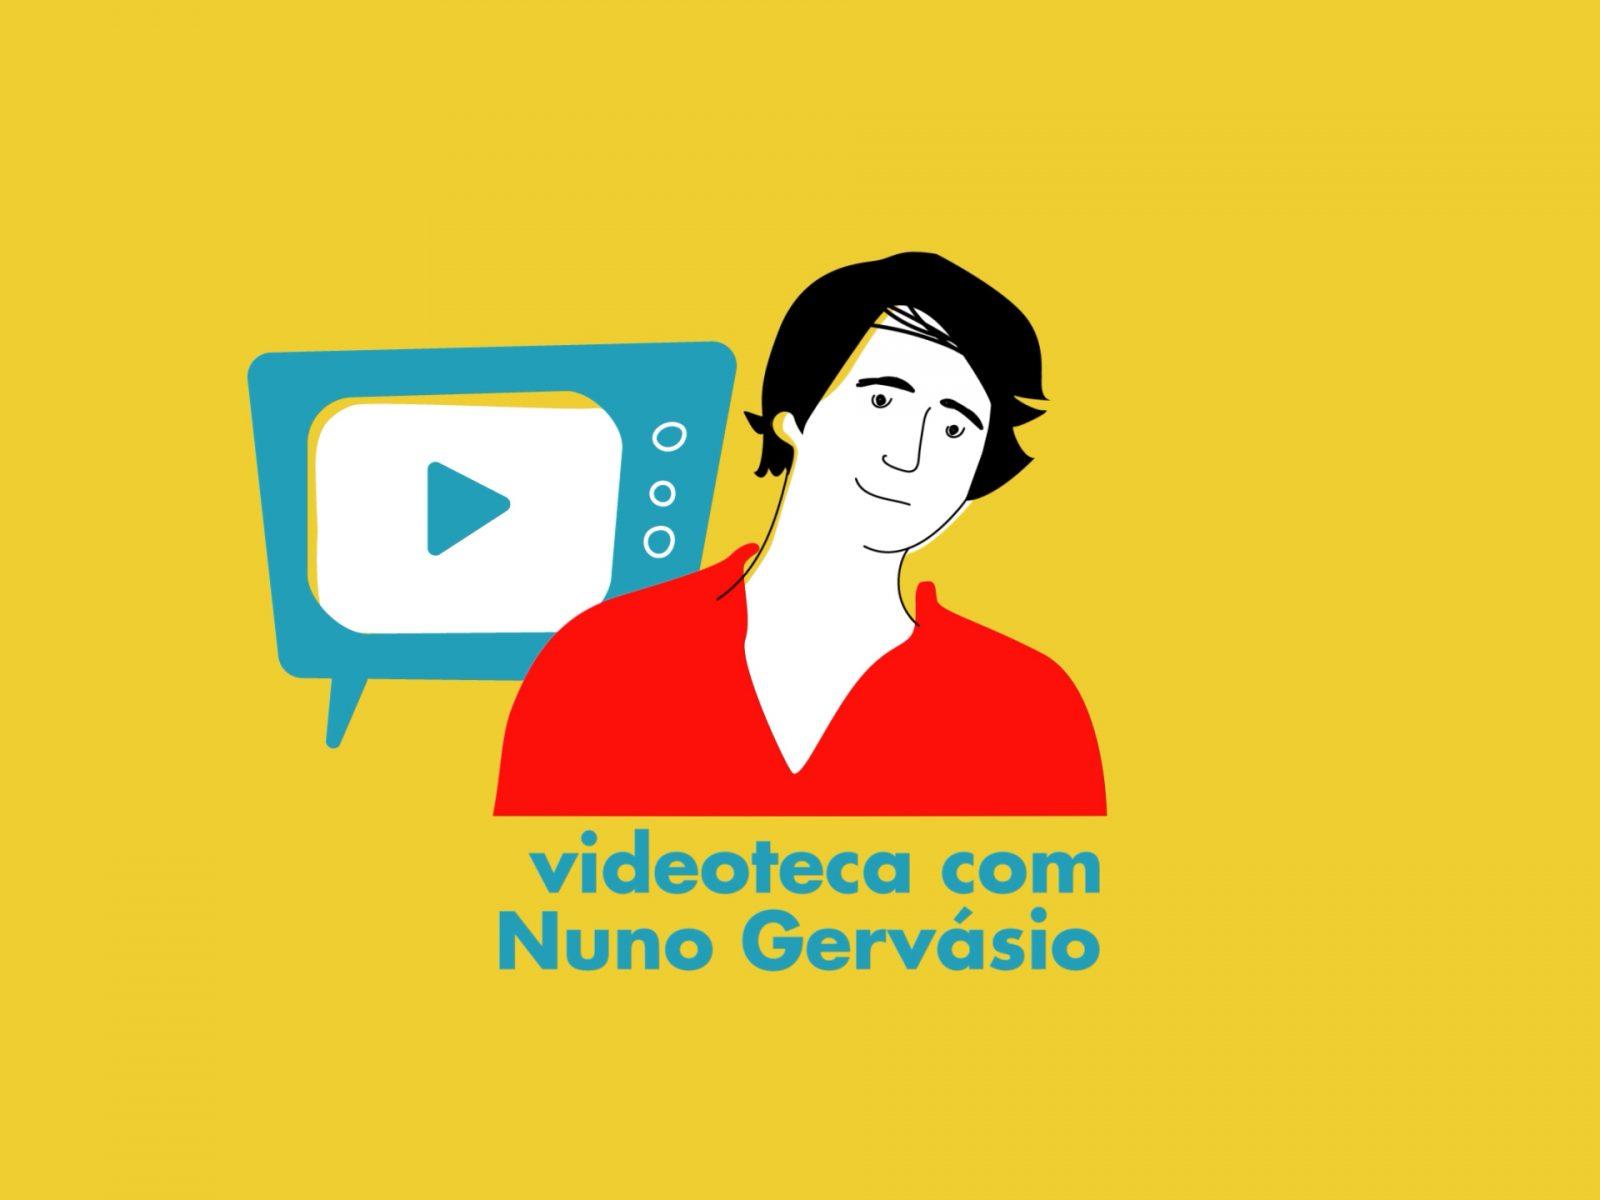 gerador-nuno-gervasio-videoteca-11